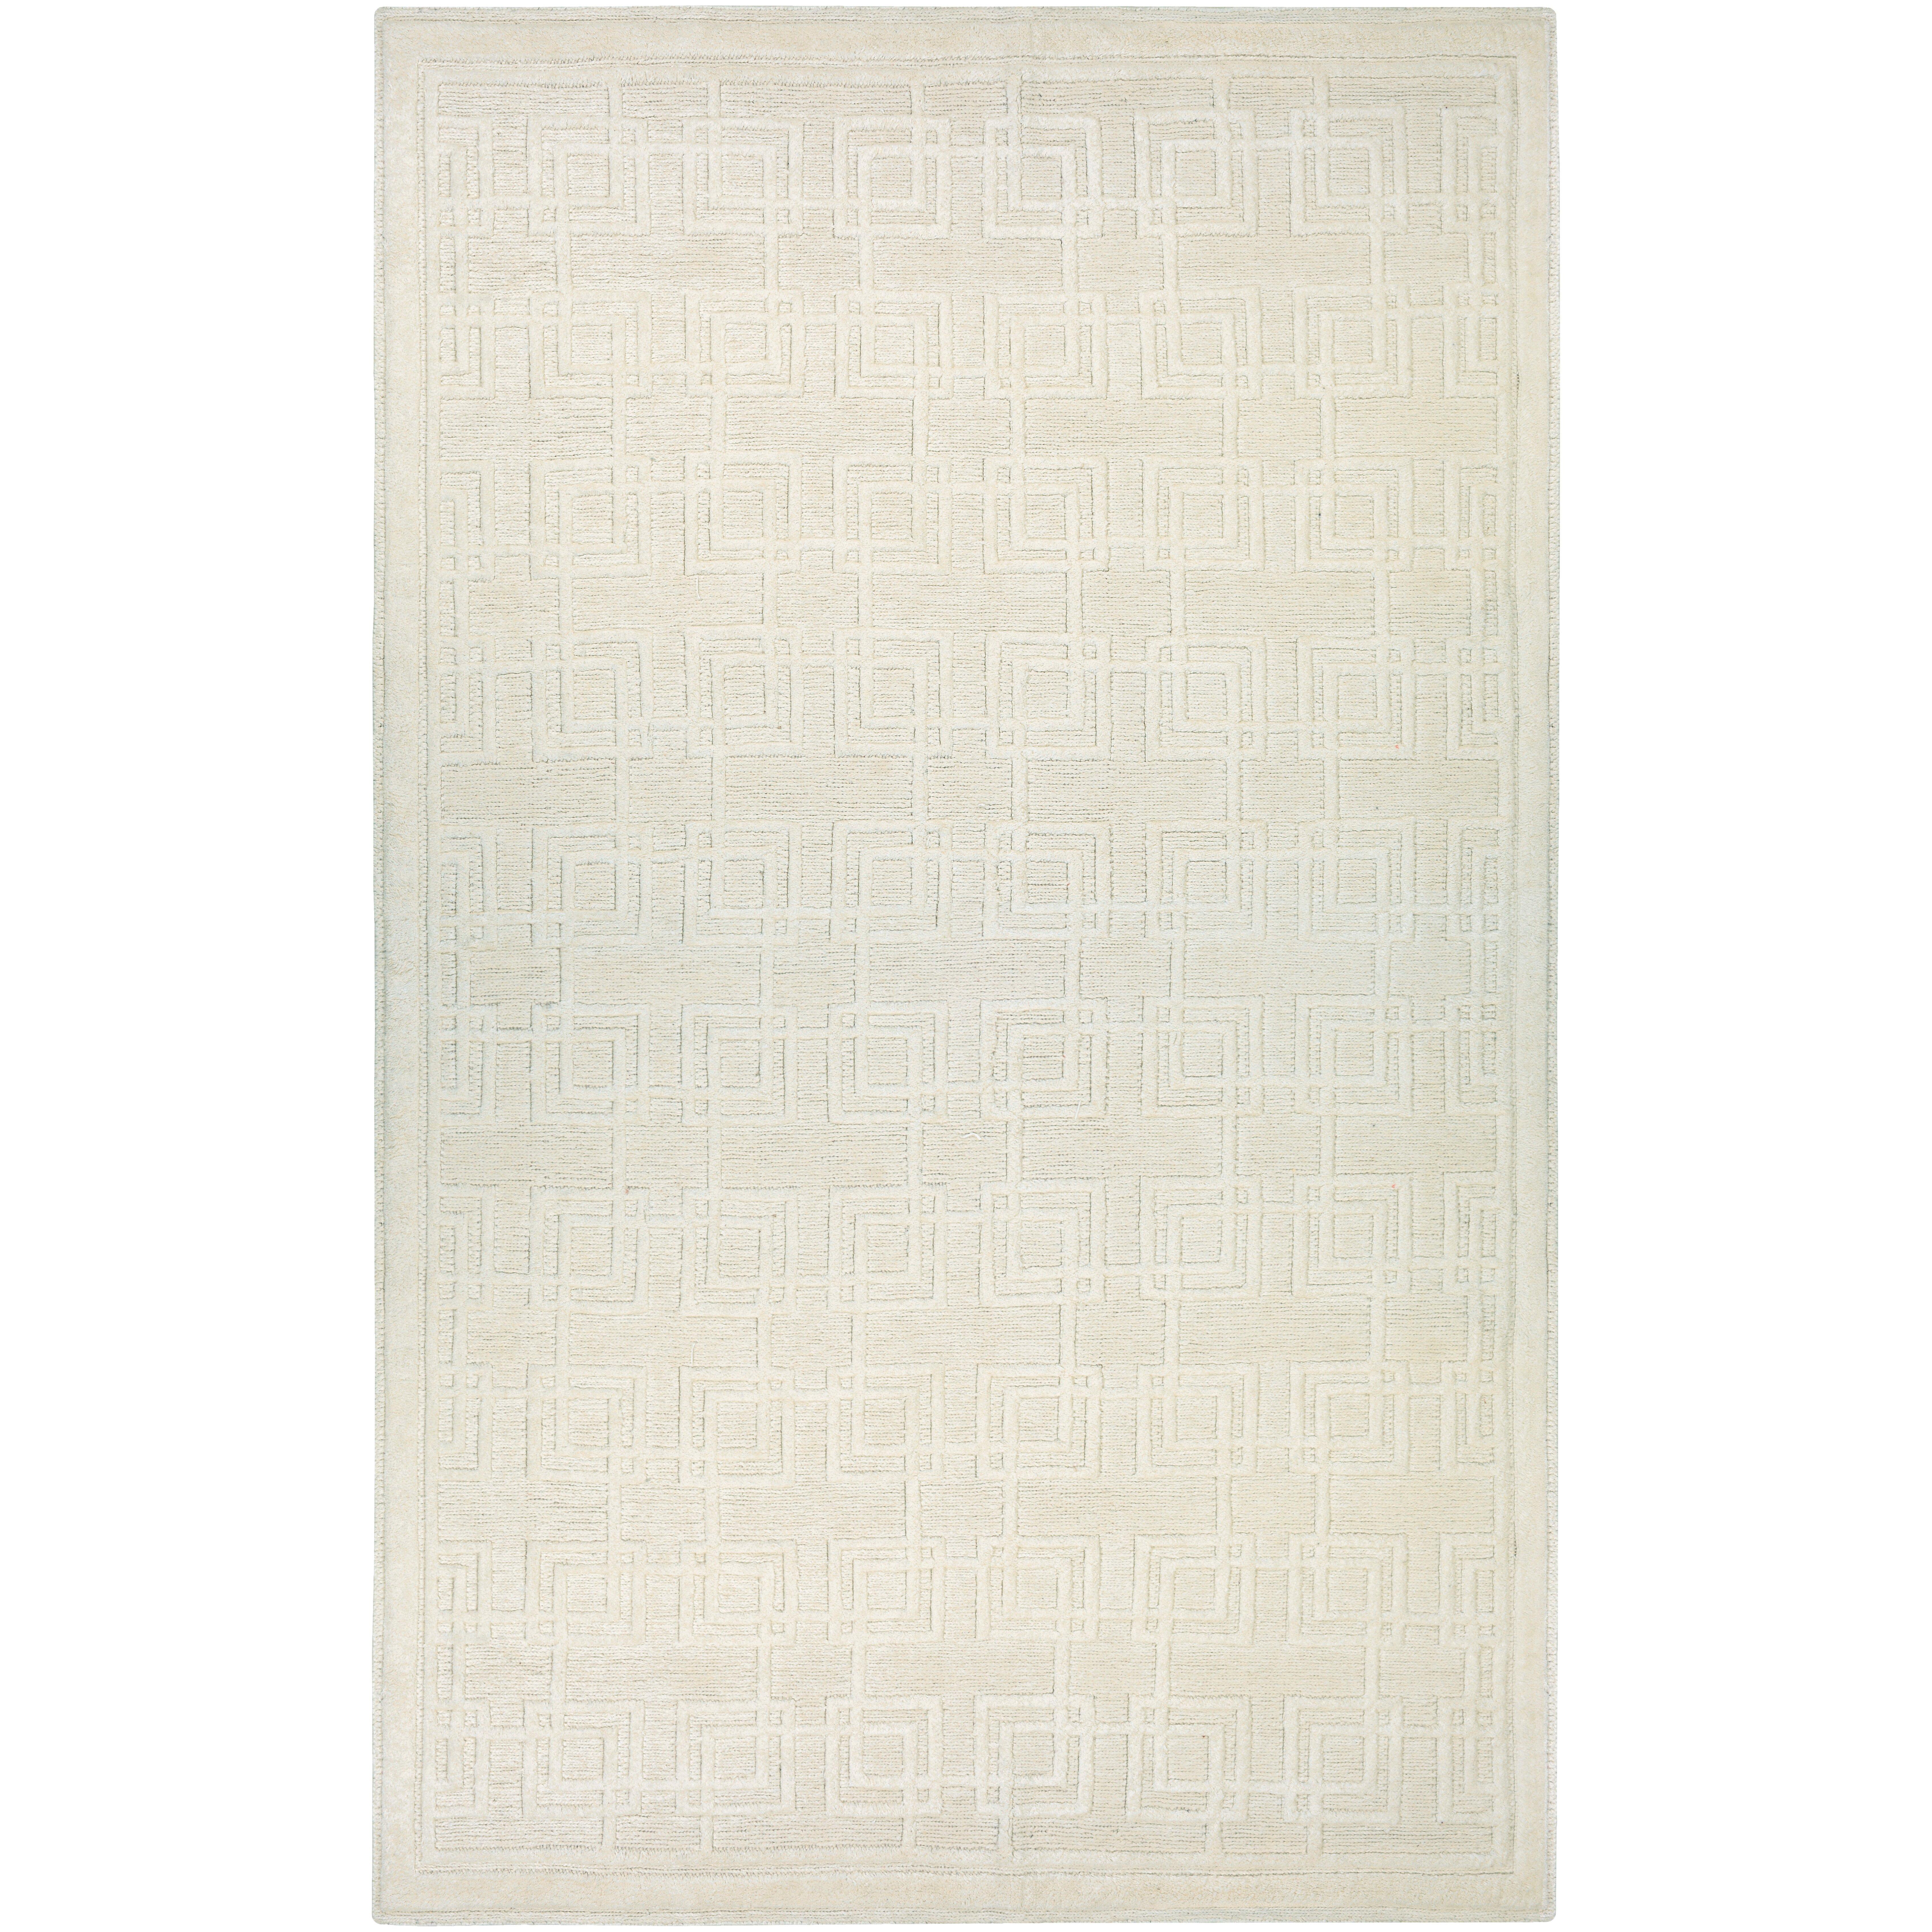 mercer41 bridlington hand woven off white area rug wayfair